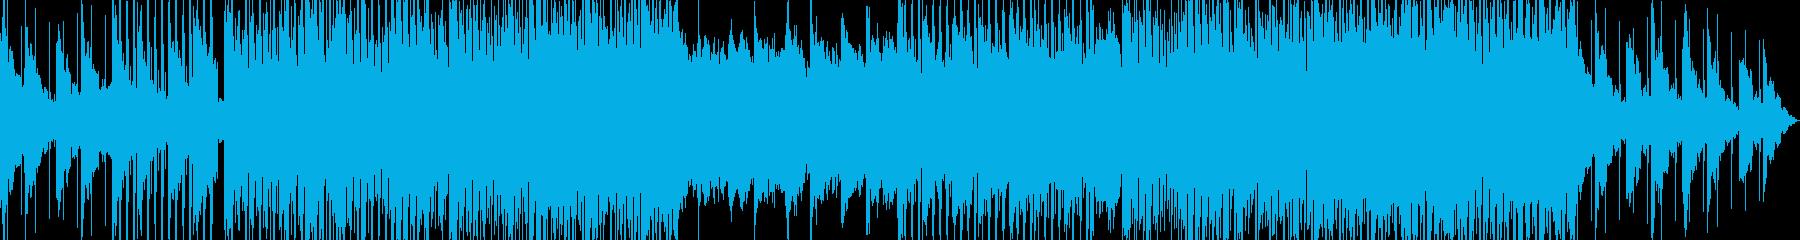 ポップダンスポジティブプロモーションの再生済みの波形